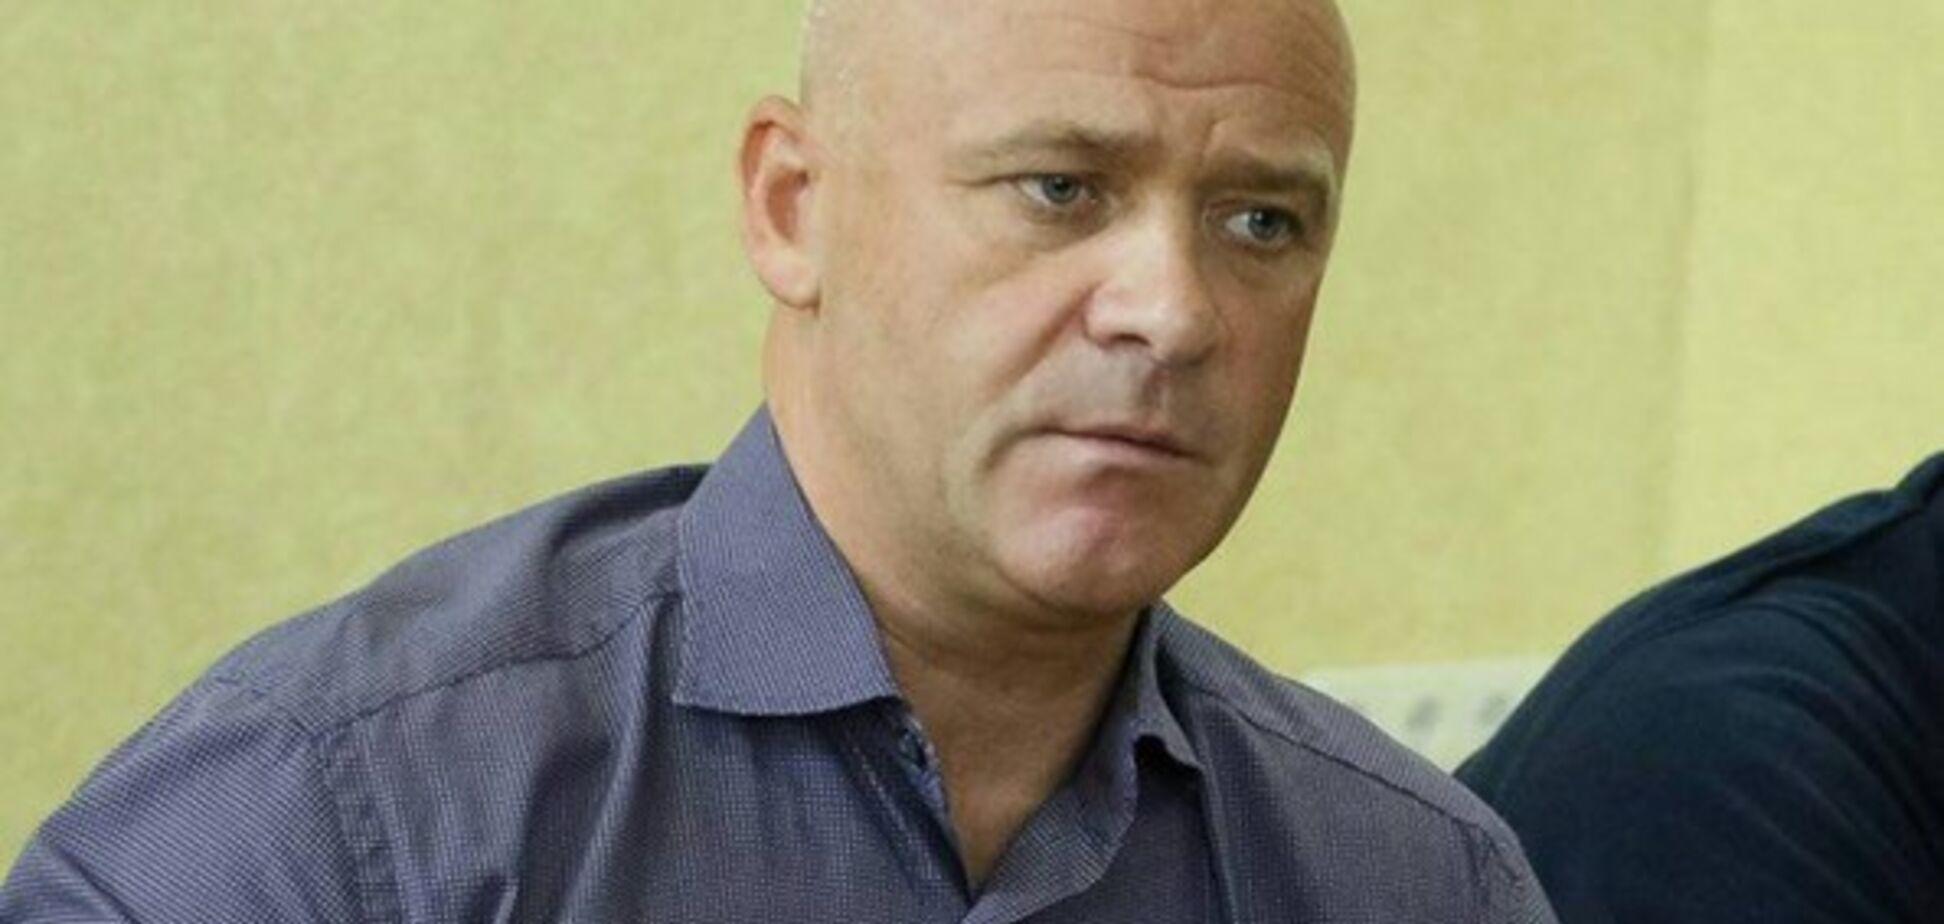 Зник після відпустки: мер Одеси Труханов знову не вийшов на роботу